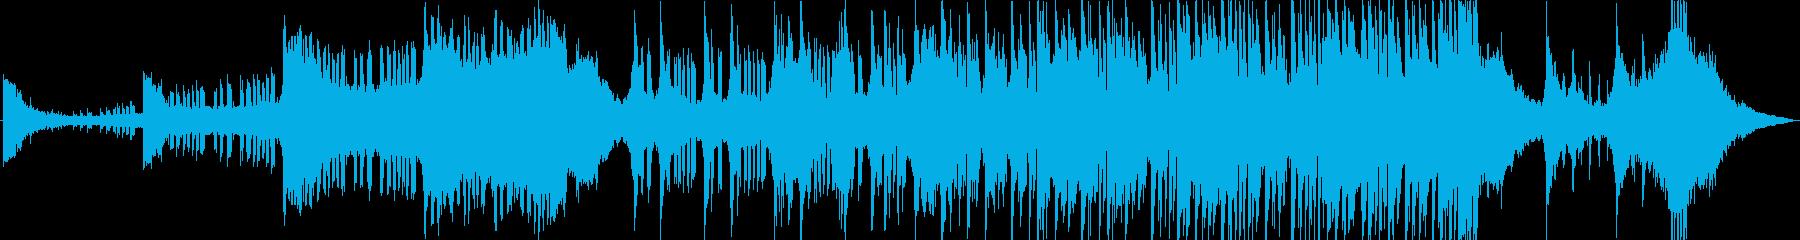 実験的 積極的 焦り 神経質 燃え...の再生済みの波形